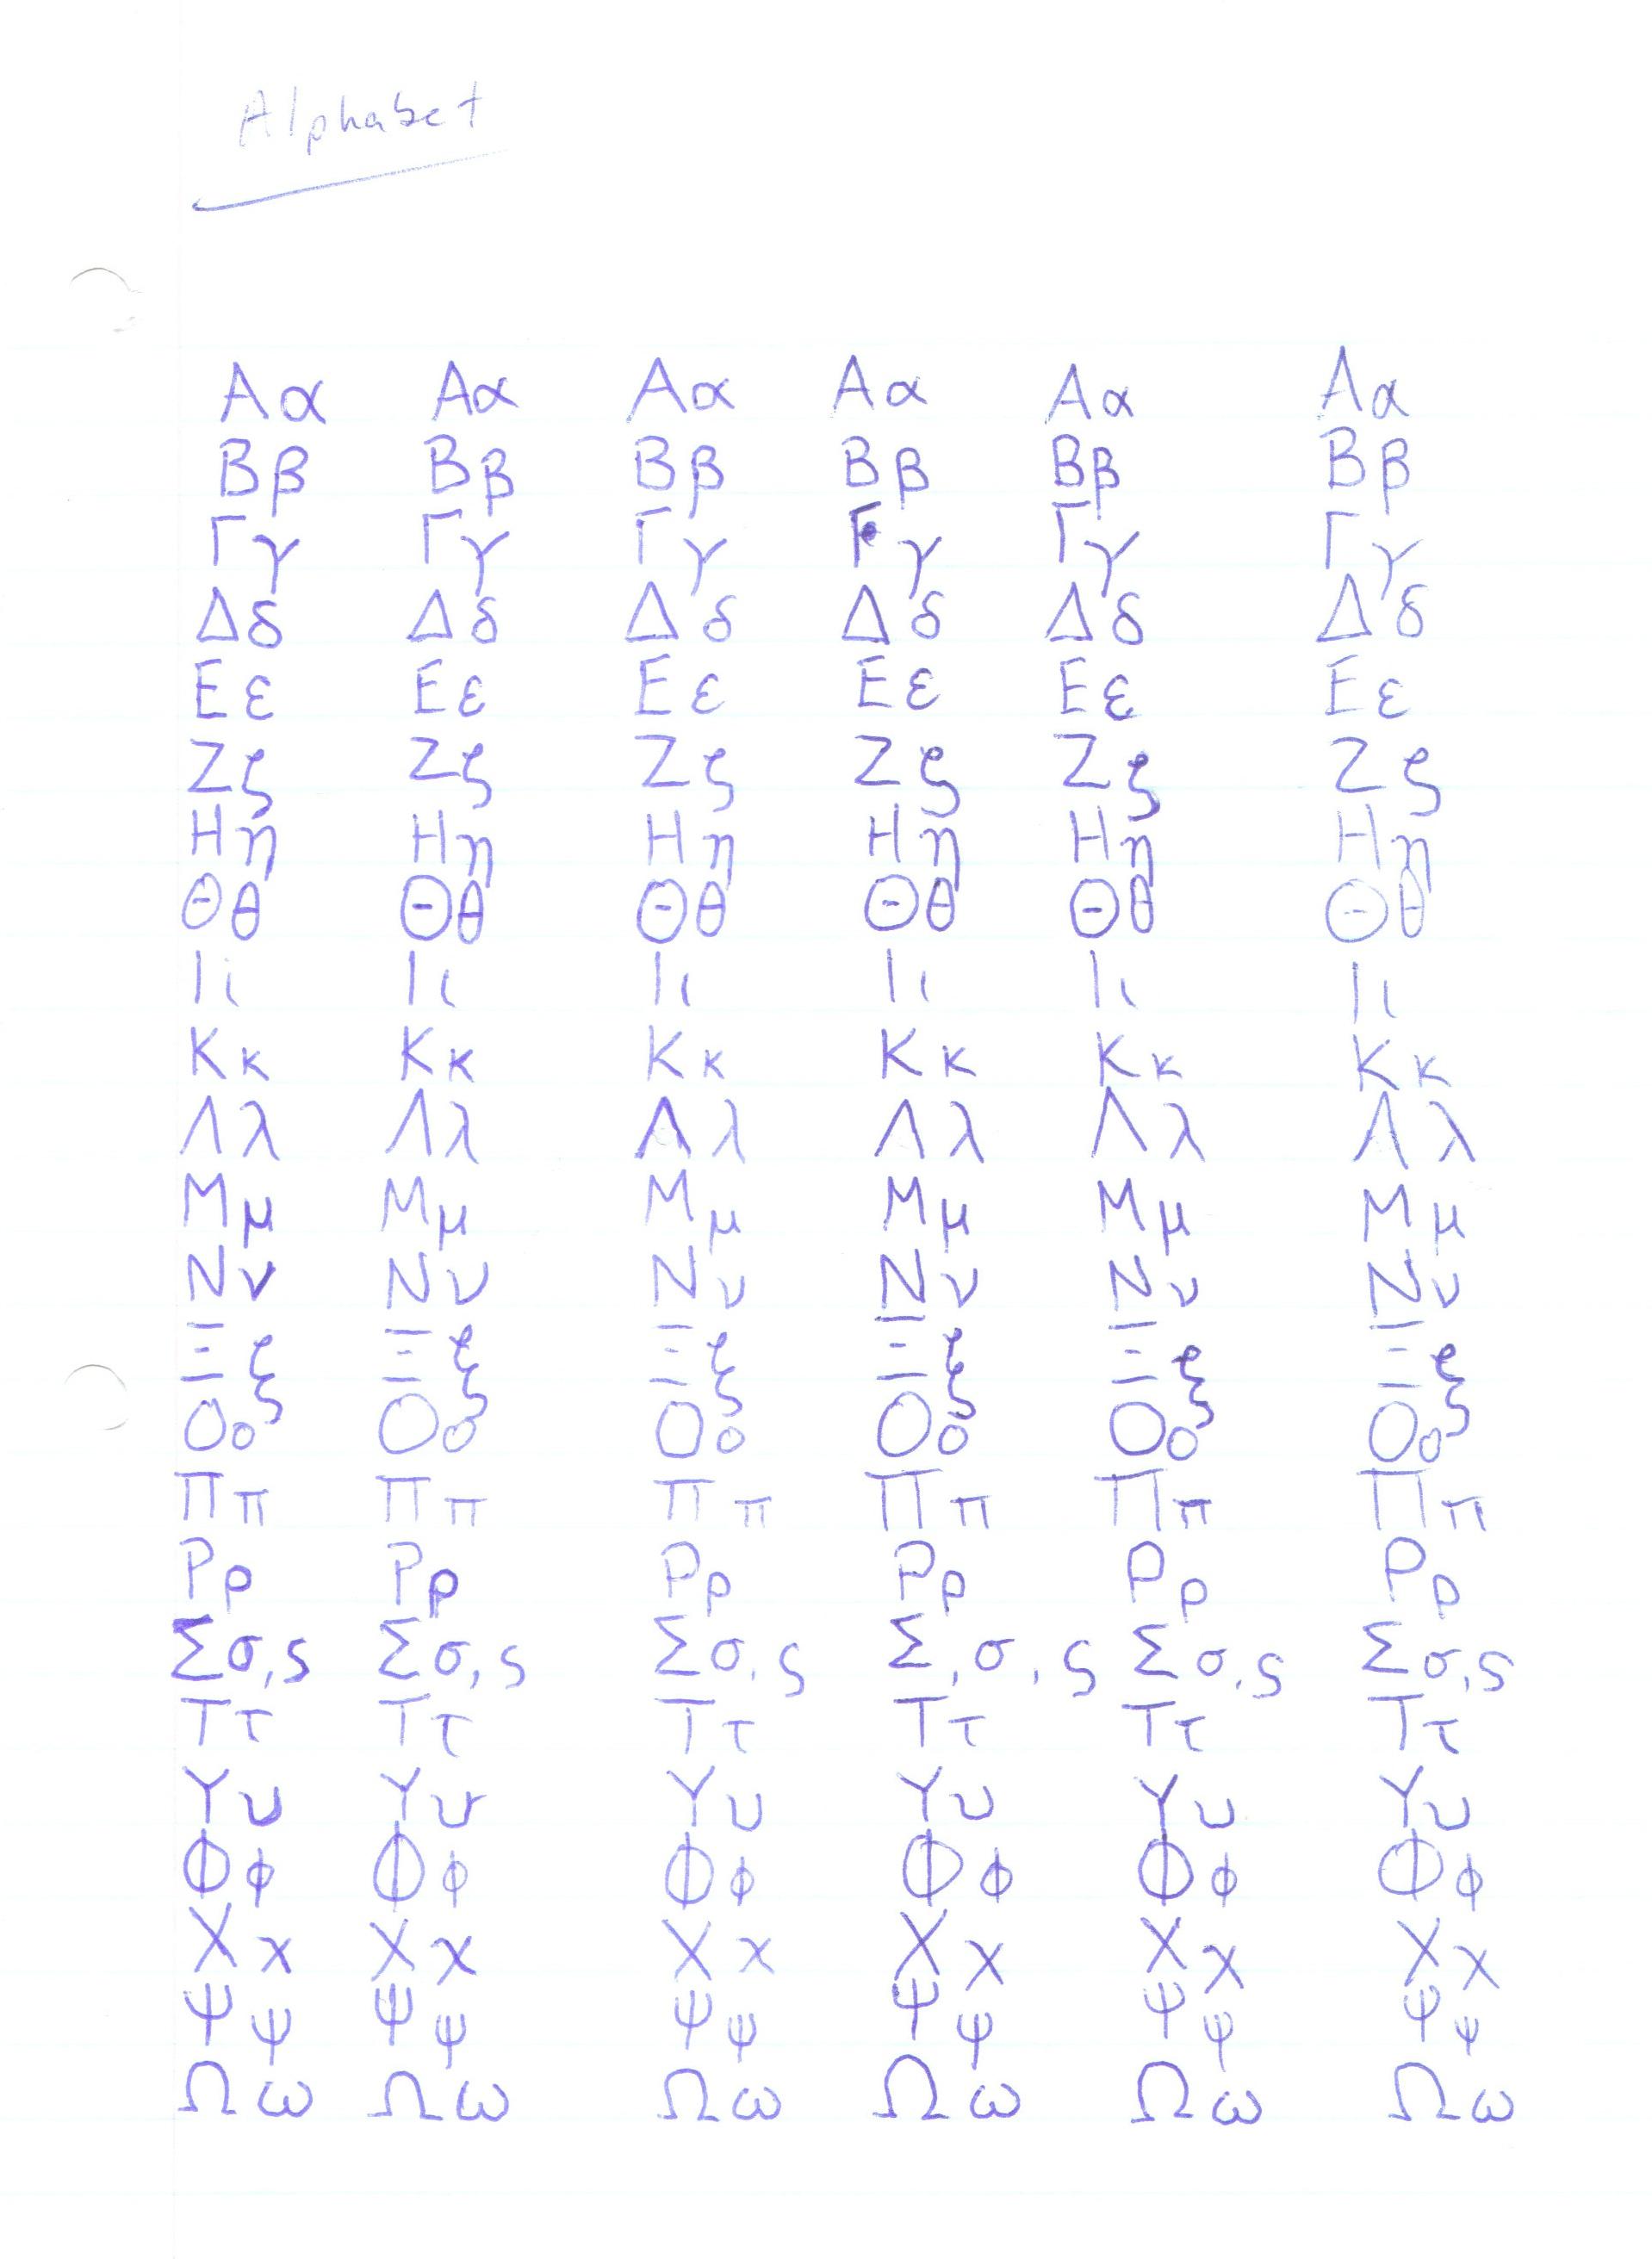 Greek Letters Handwritten : greek, letters, handwritten, Handwritten, Greek, Rightly, Dividing, Truth